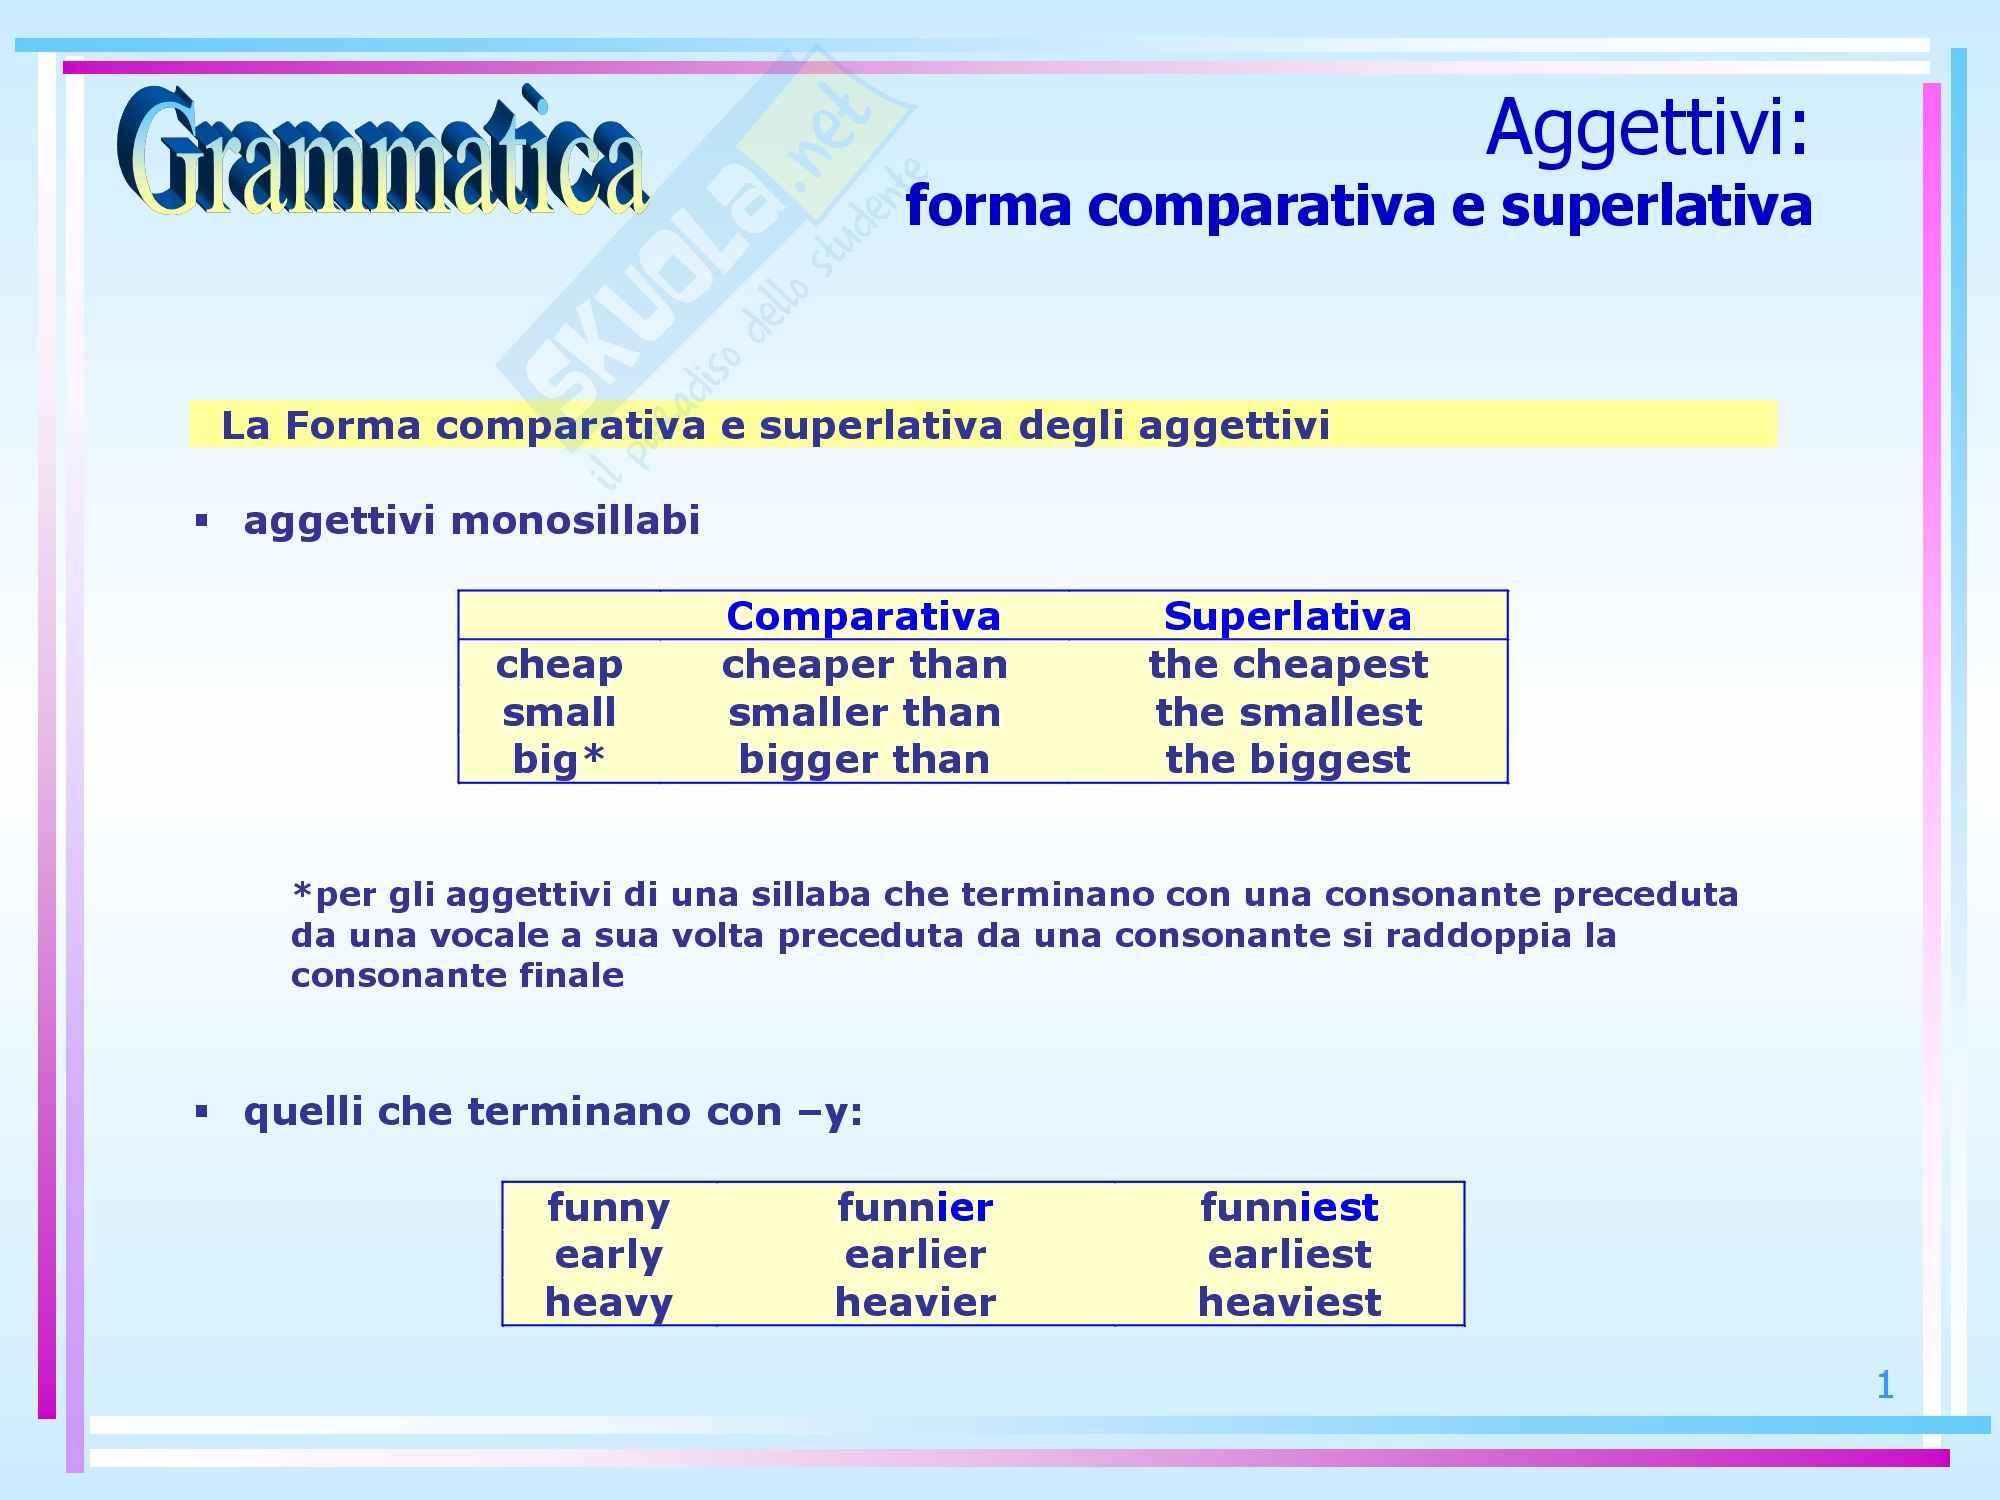 Lingua inglese - aggettivi comparativi e superlativi